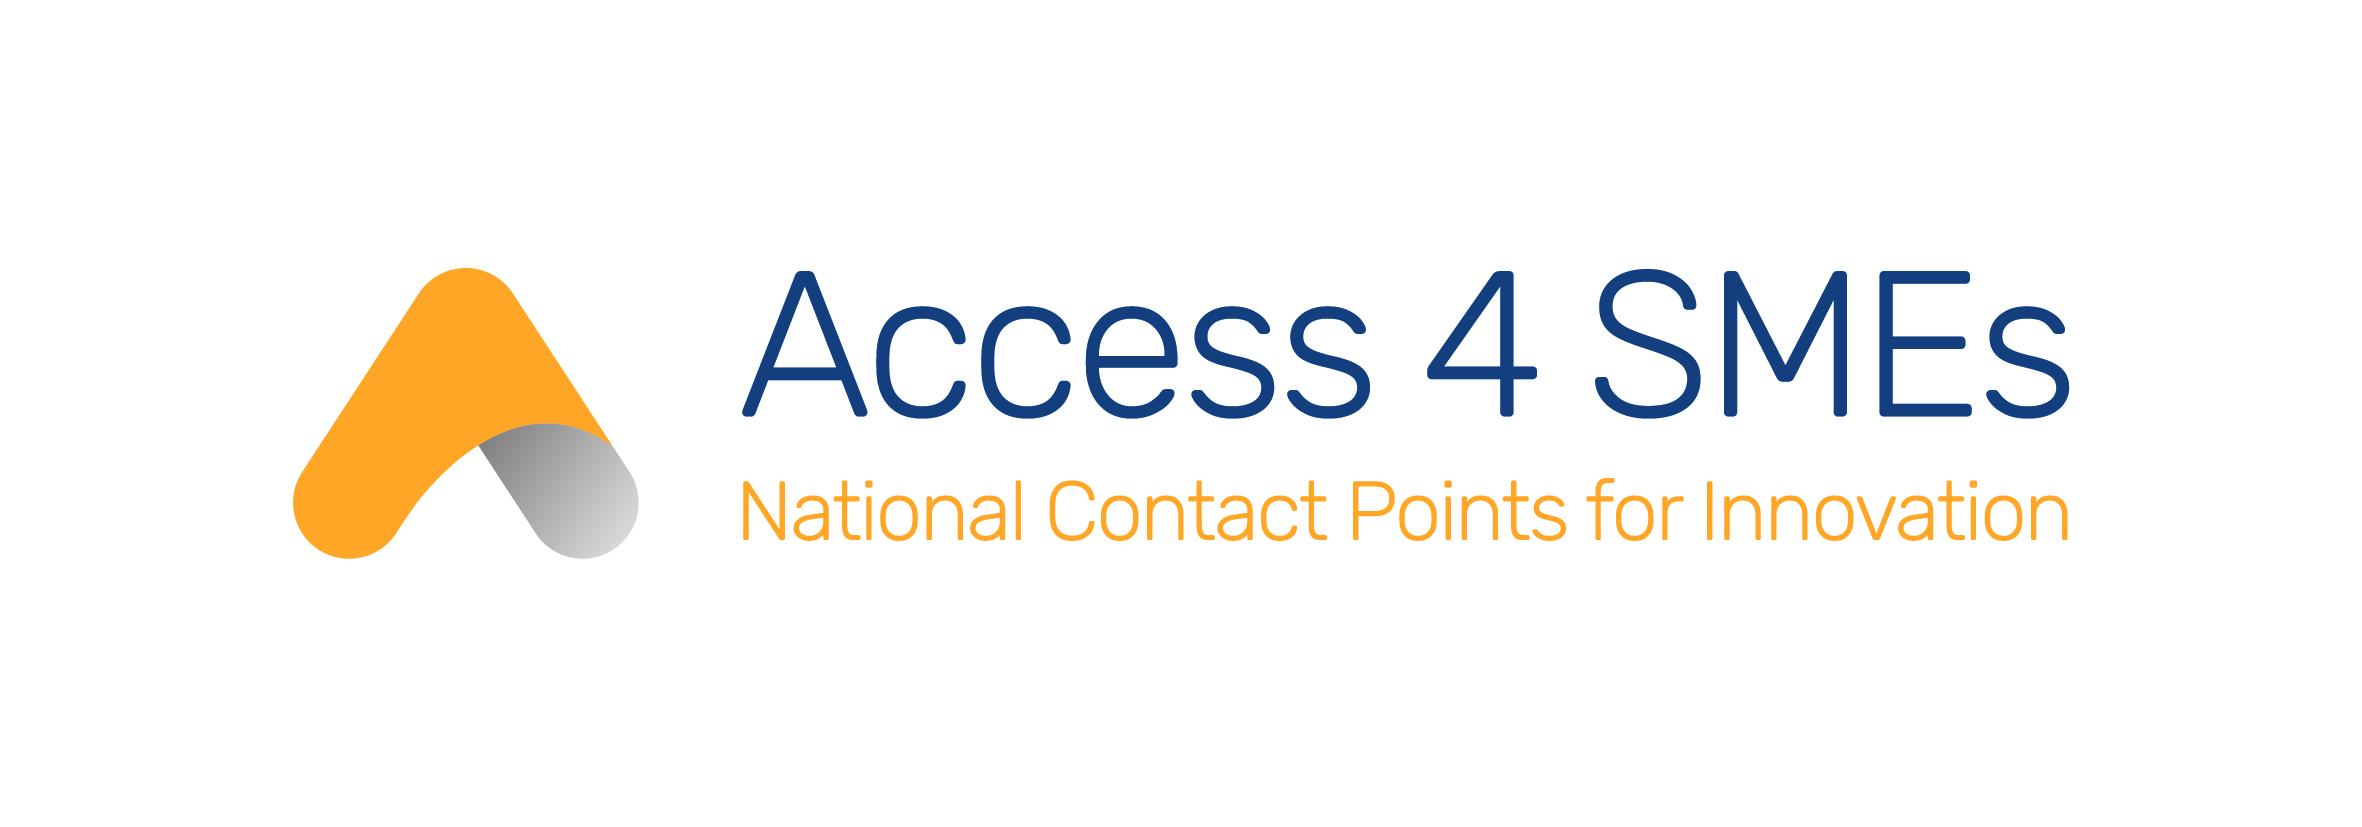 access4smes_masterlogo